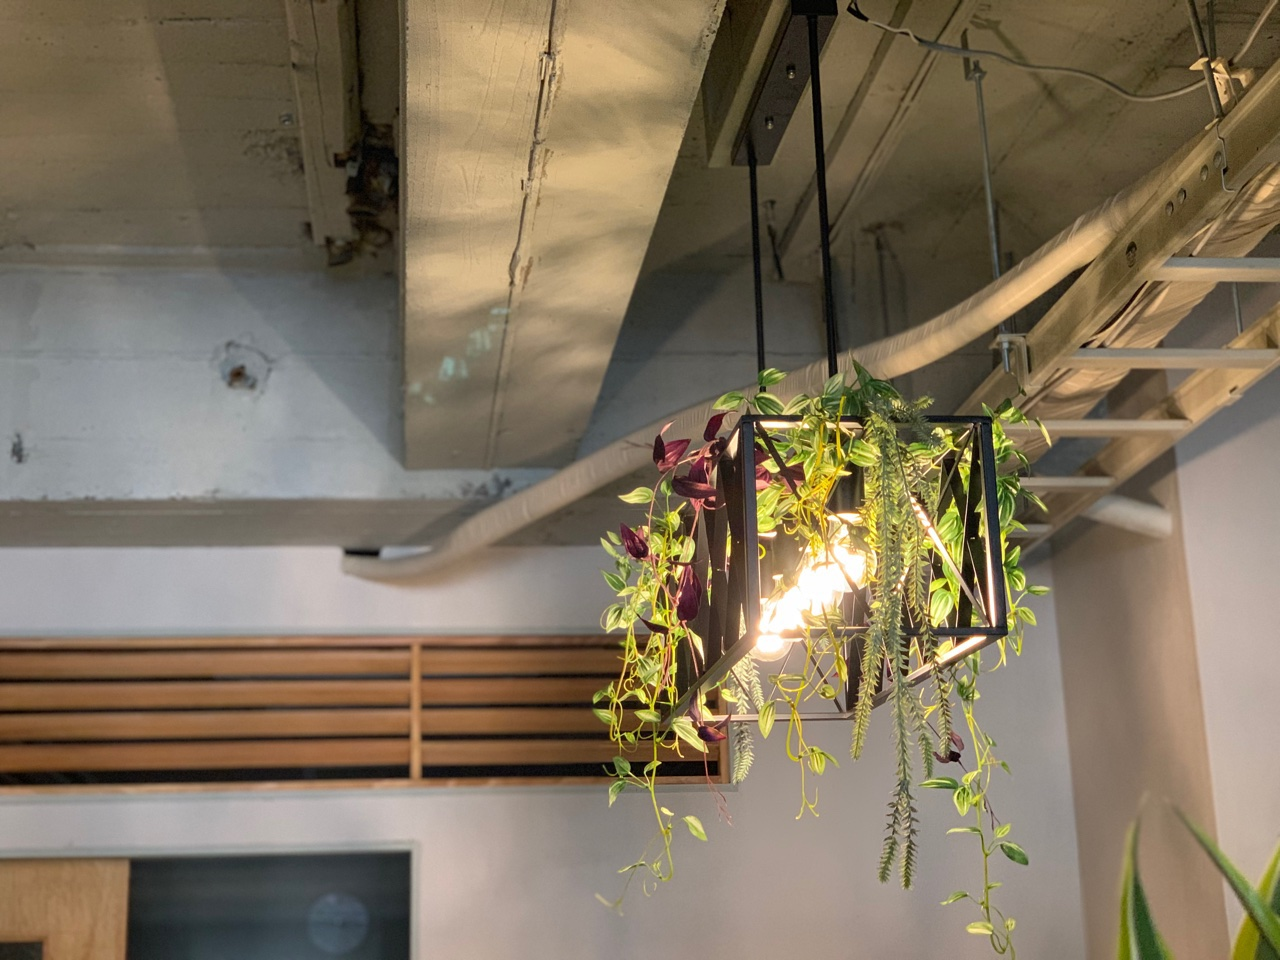 無機質な照明も植物の流線的なシルエットで柔らかさをプラス